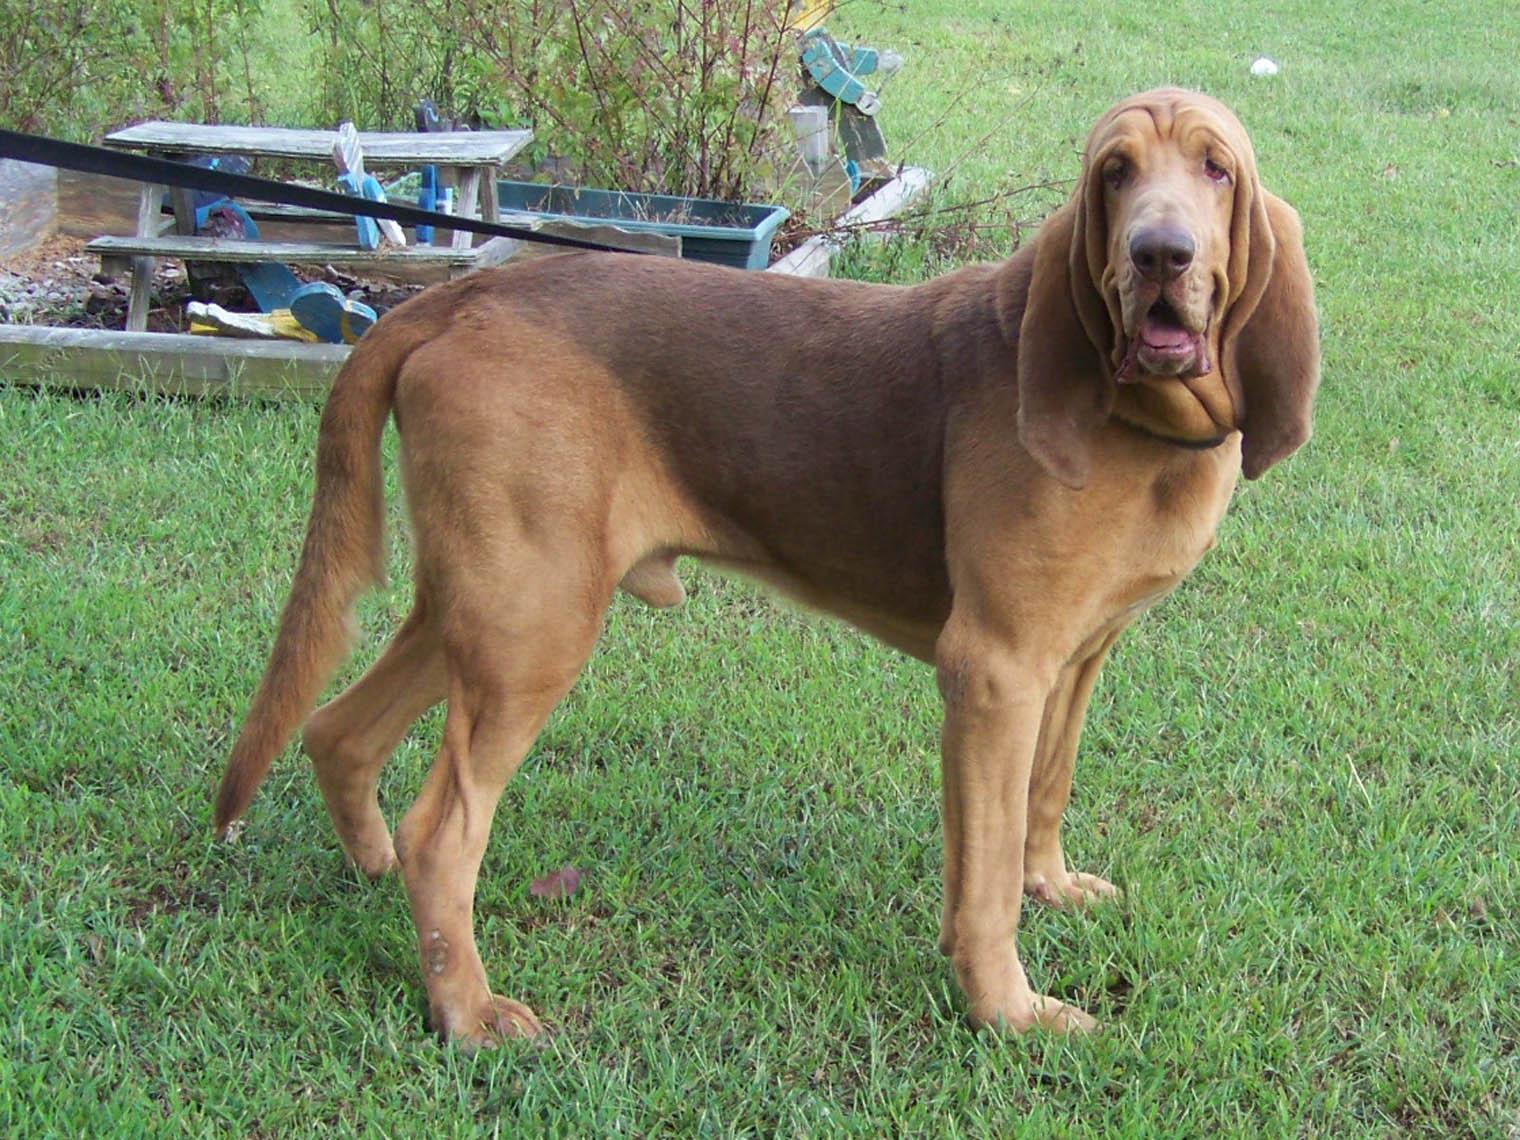 download Bloodhound 32 High Resolution Wallpaper 1520x1140